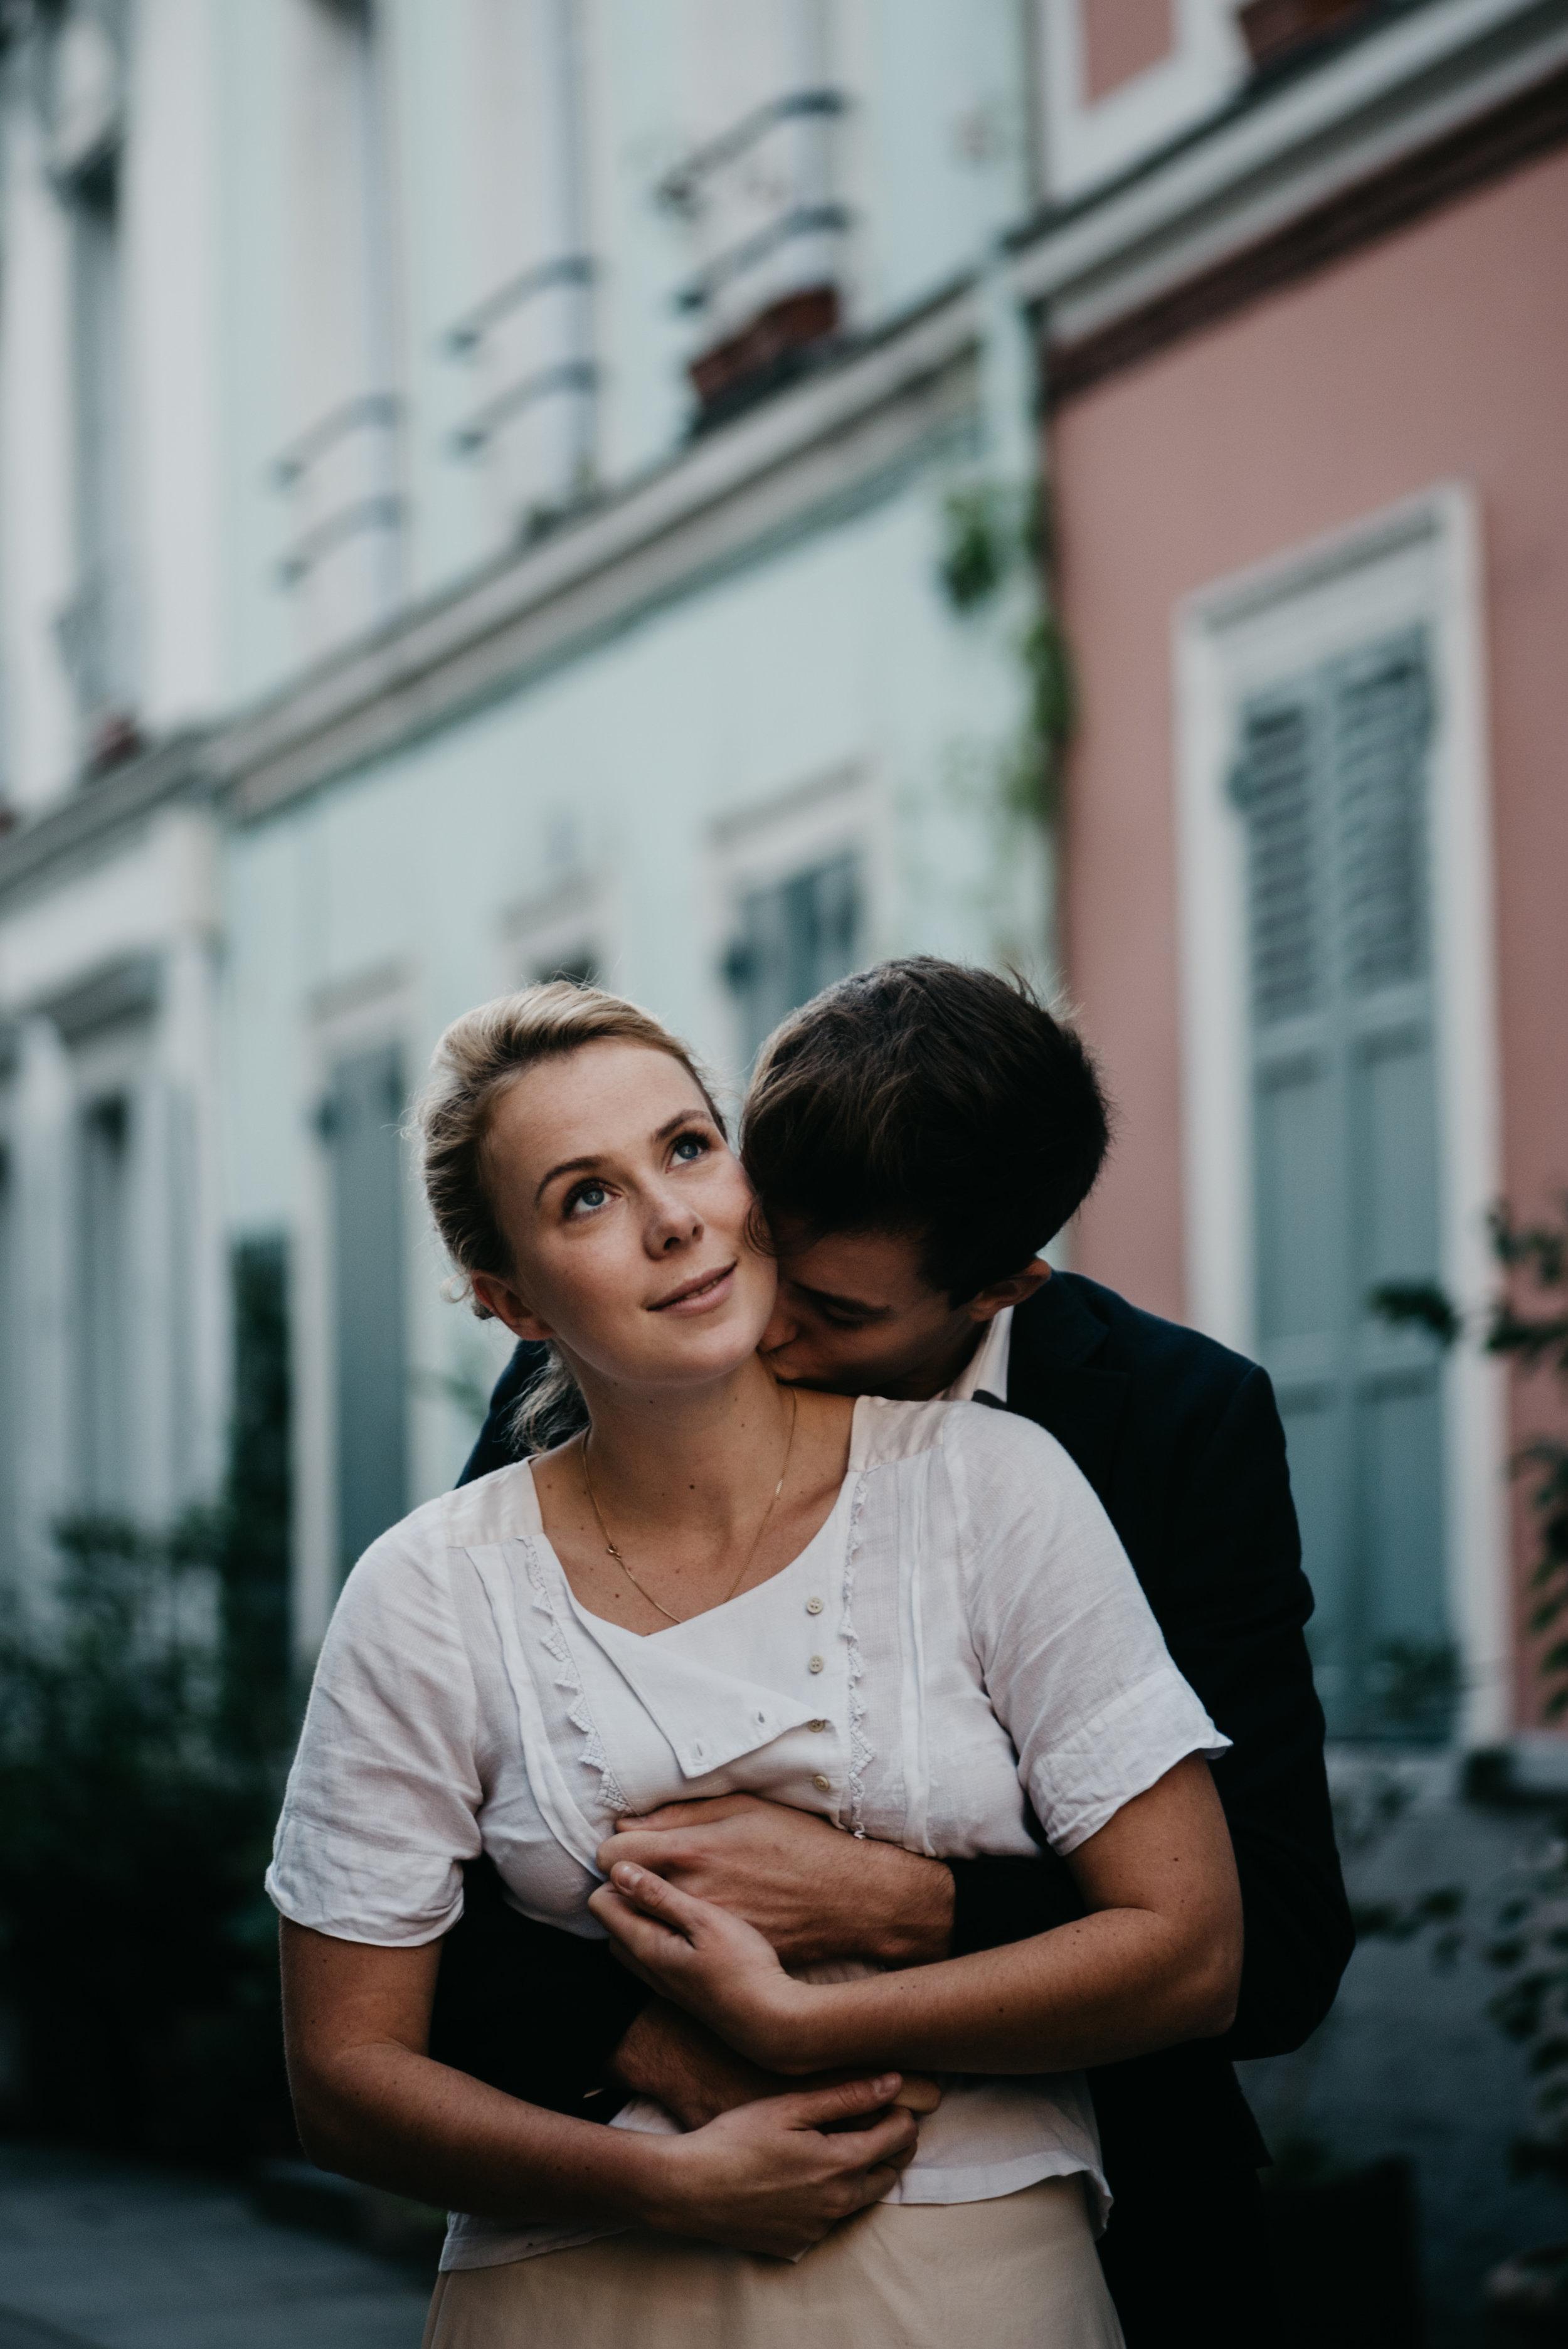 Léa-Fery-photographe-professionnel-lyon-rhone-alpes-portrait-creation-mariage-evenement-evenementiel-famille-3048.jpg